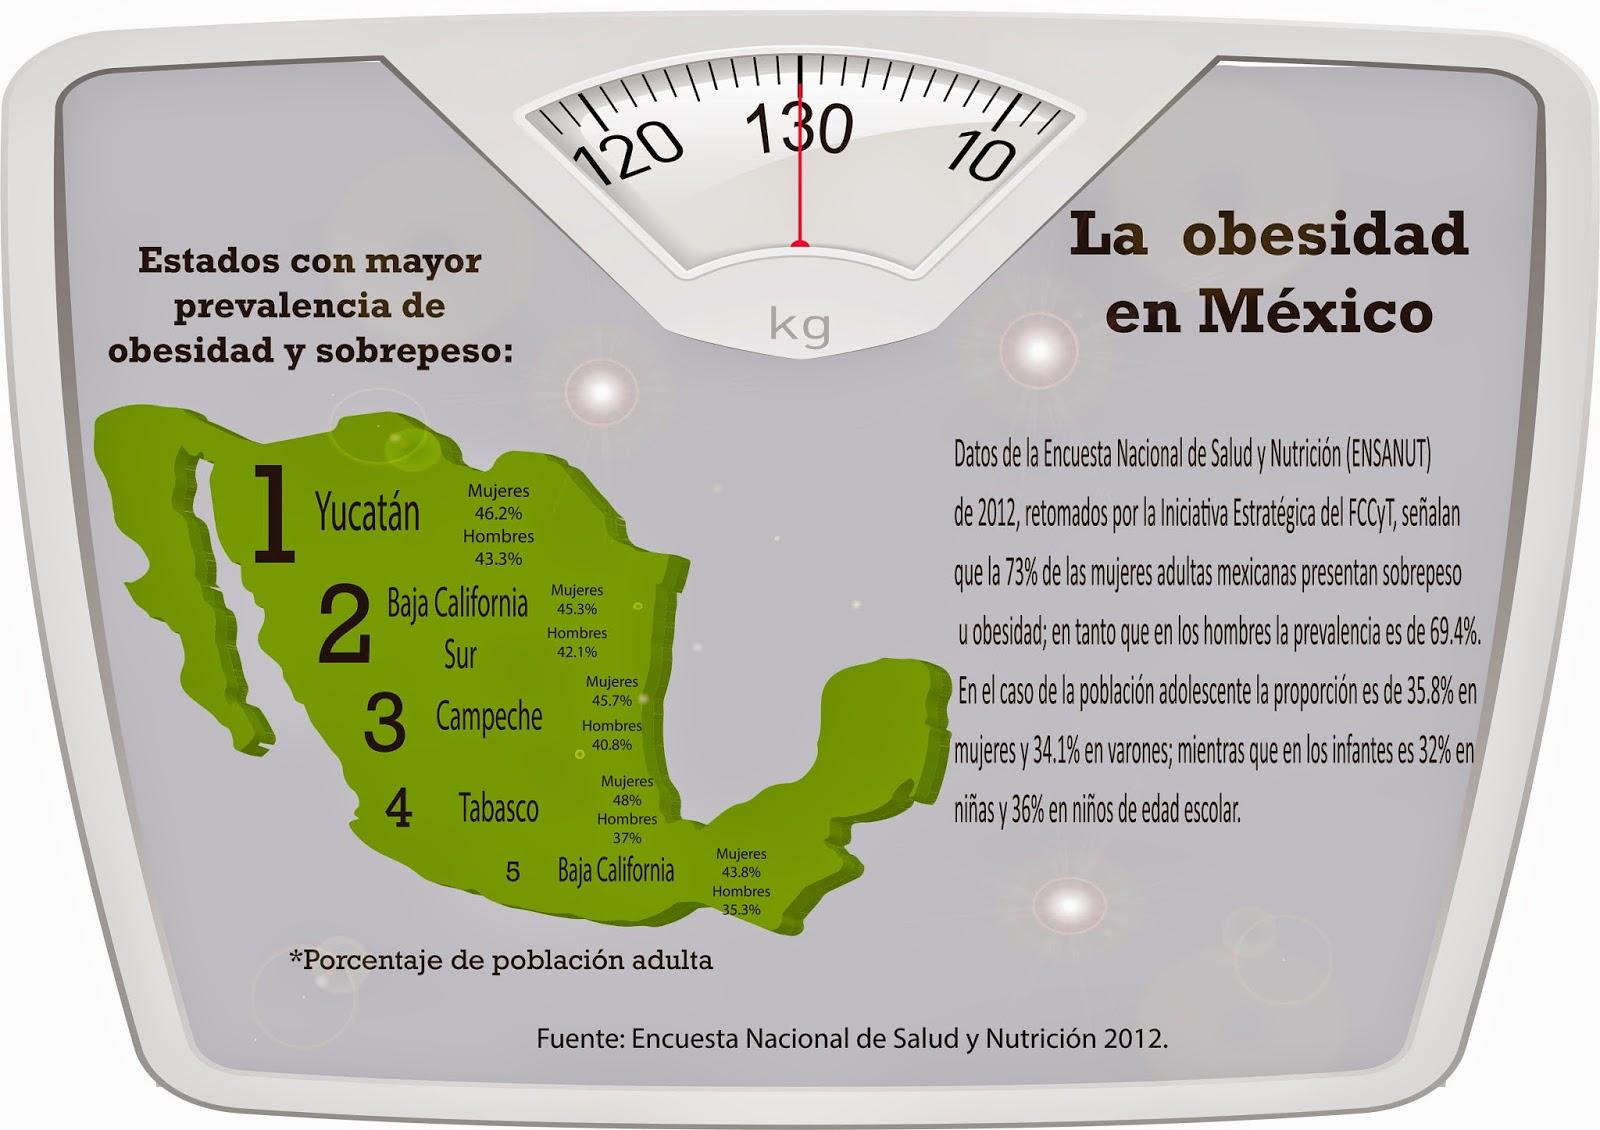 Clculo mejores pastillas para bajar de peso rapido en mexico